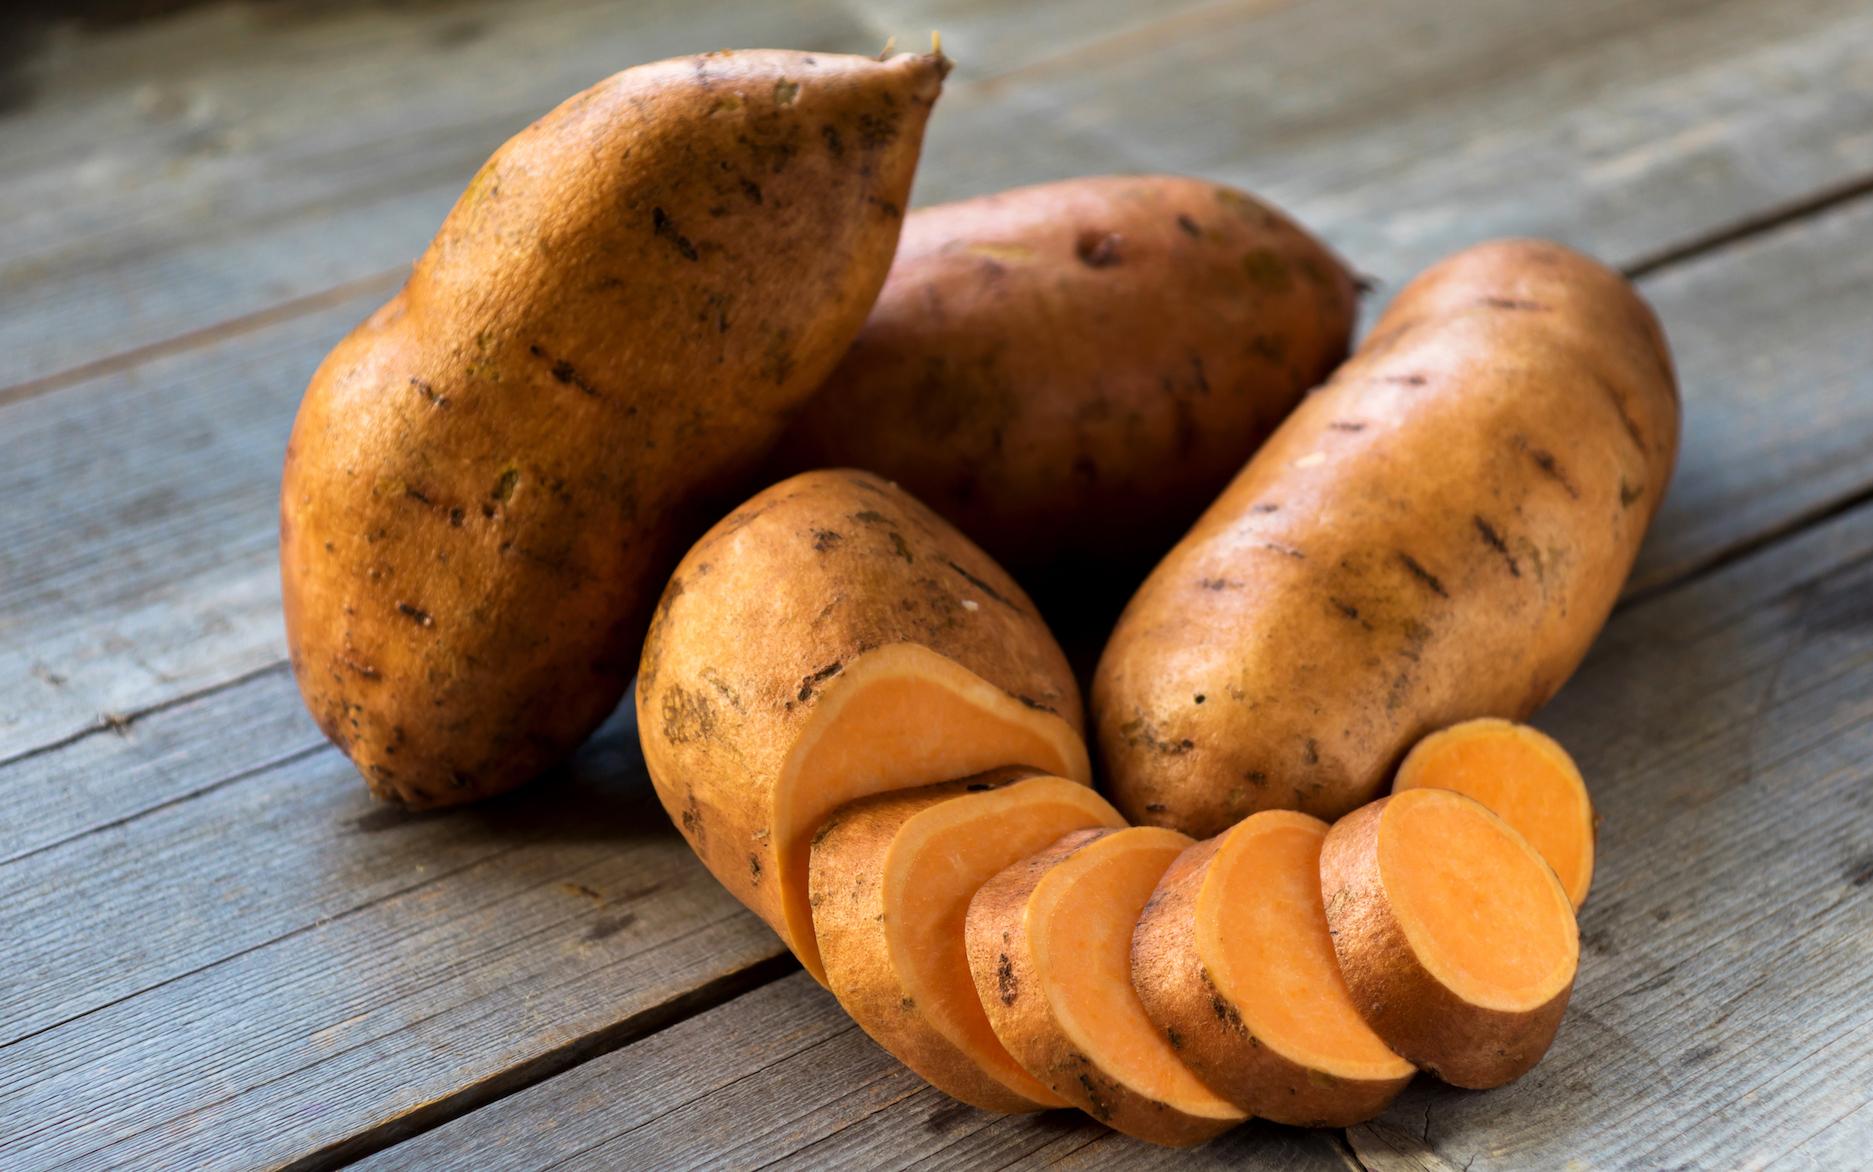 فوائد البطاطا الحلوة للحامل